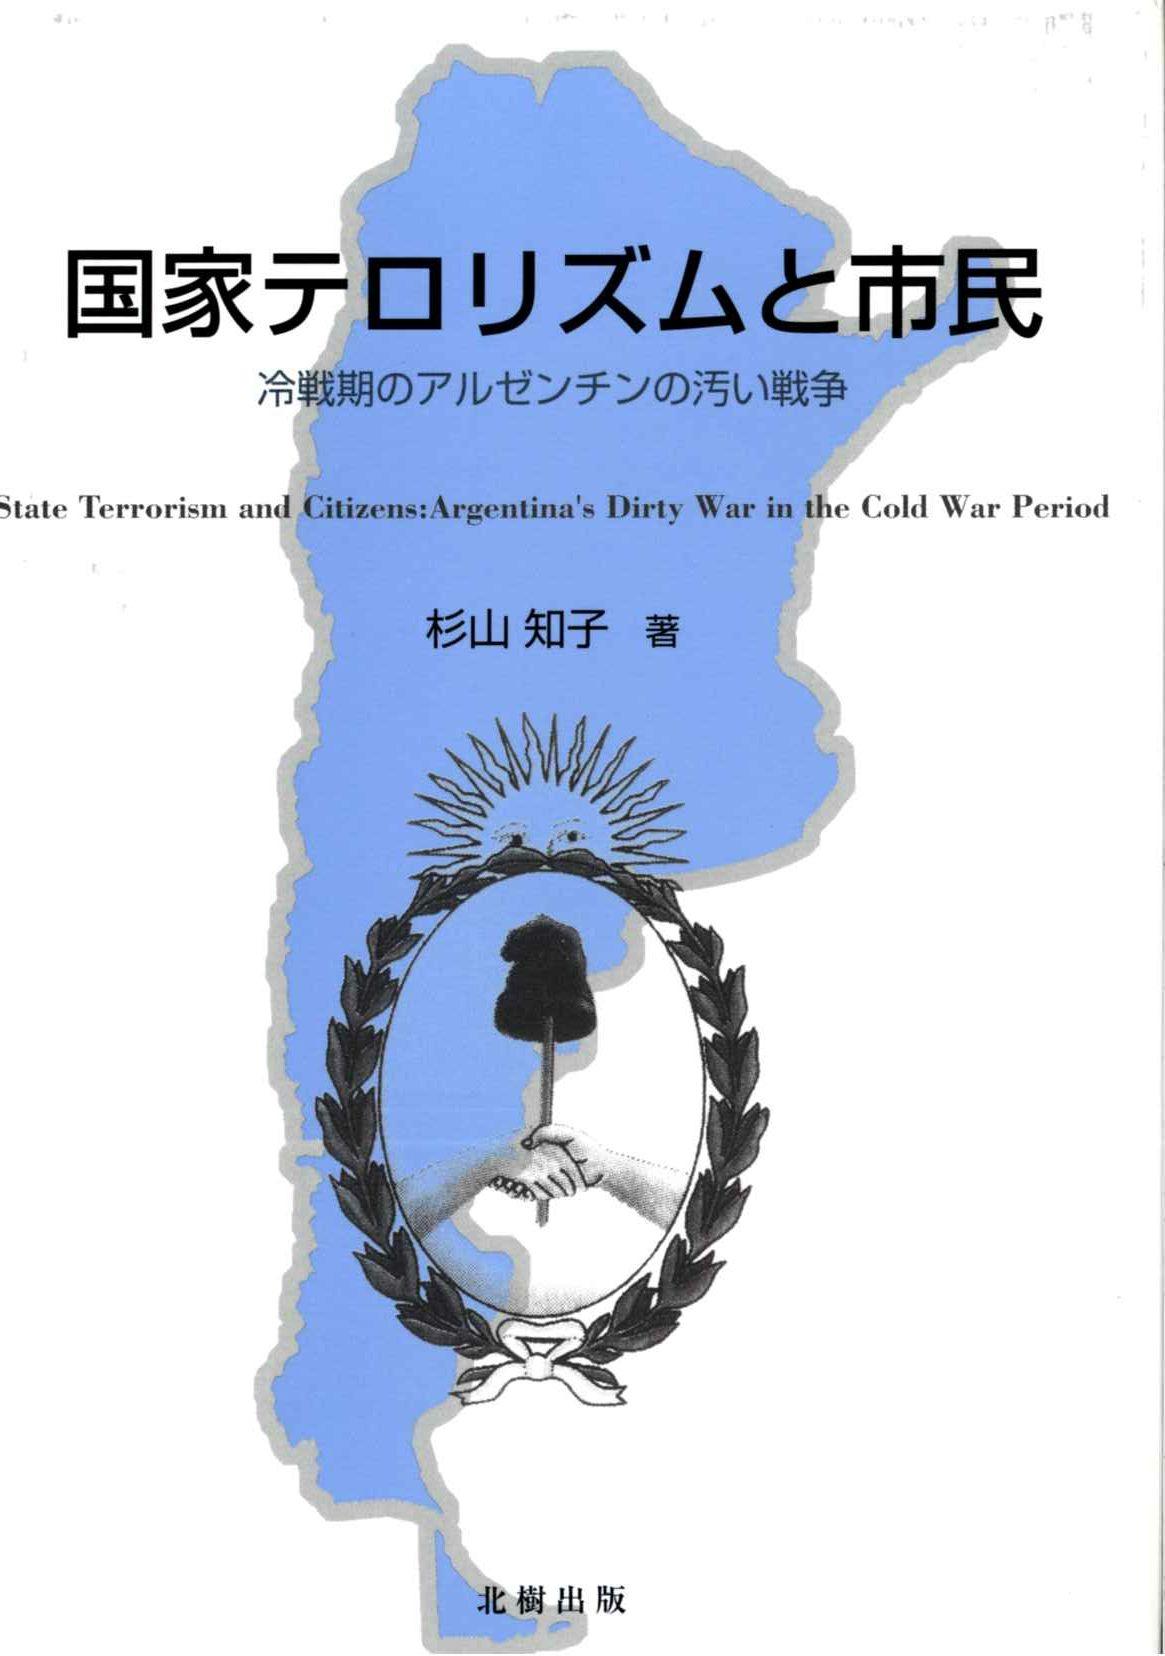 国家テロリズムと市民